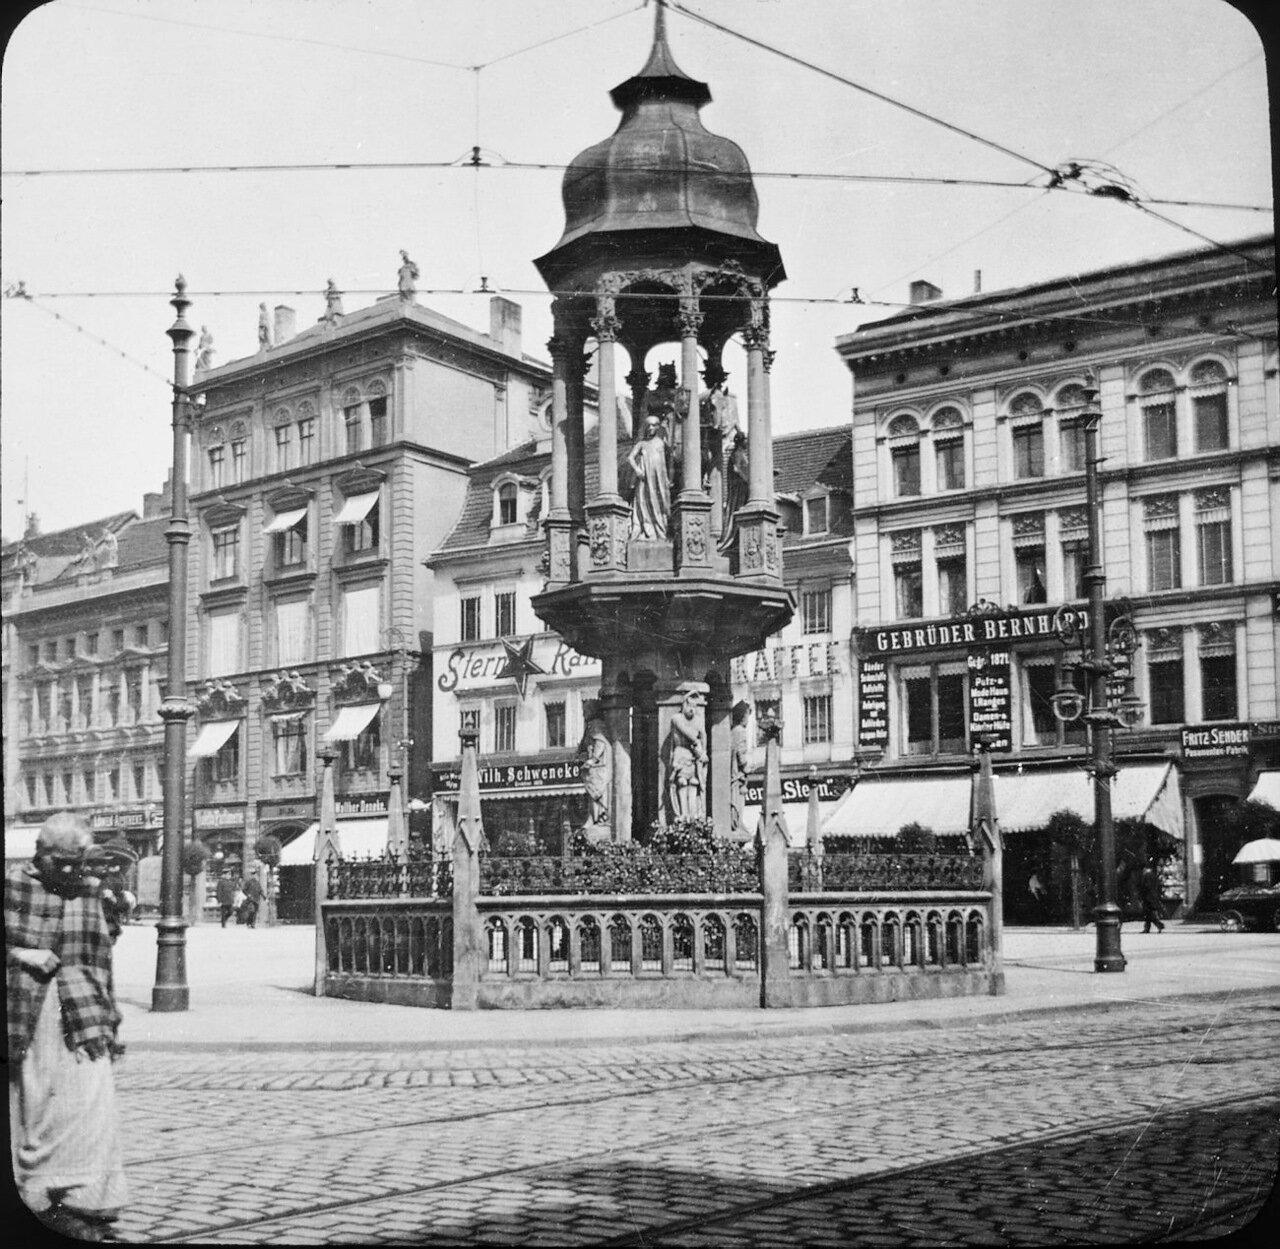 Магдебург. Кайзер Отто Штрассе. Статуя Магдебургского всадника, 1902